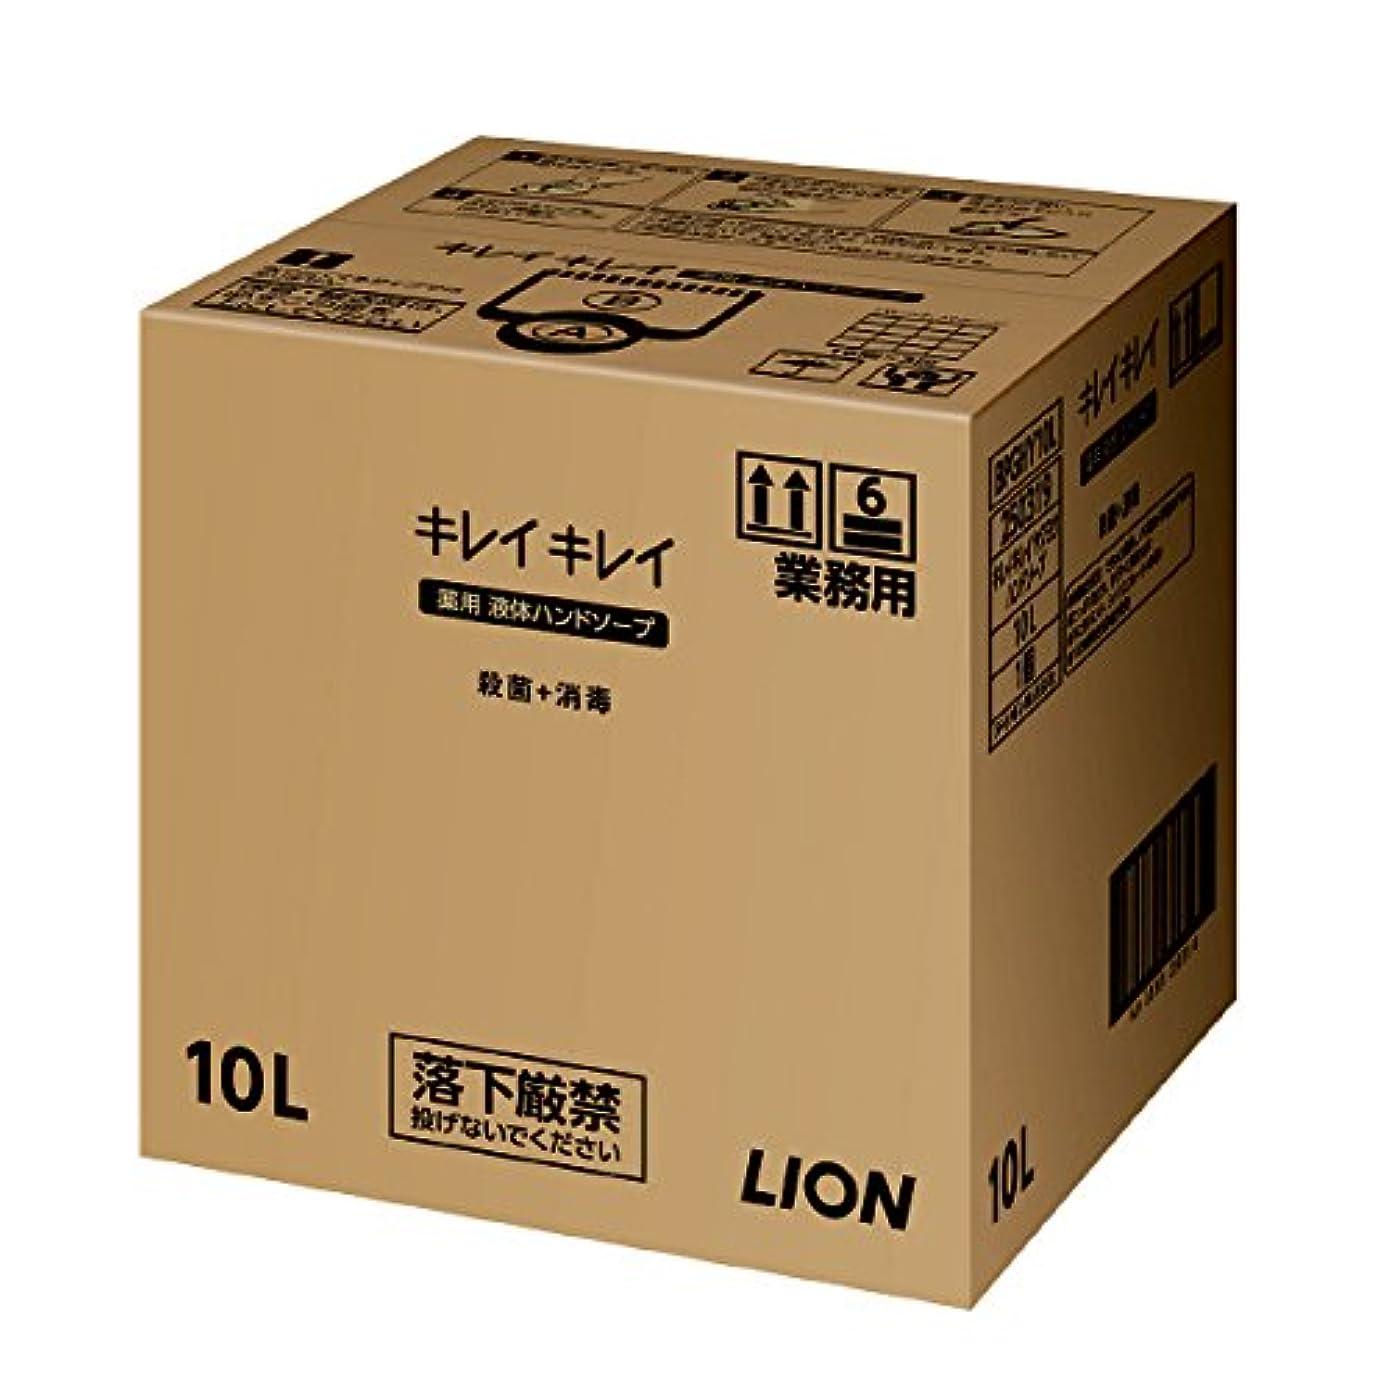 オーバーヘッドアレンジチロキレイキレイ薬用液体ハンドソープ10L(専用コック付き)